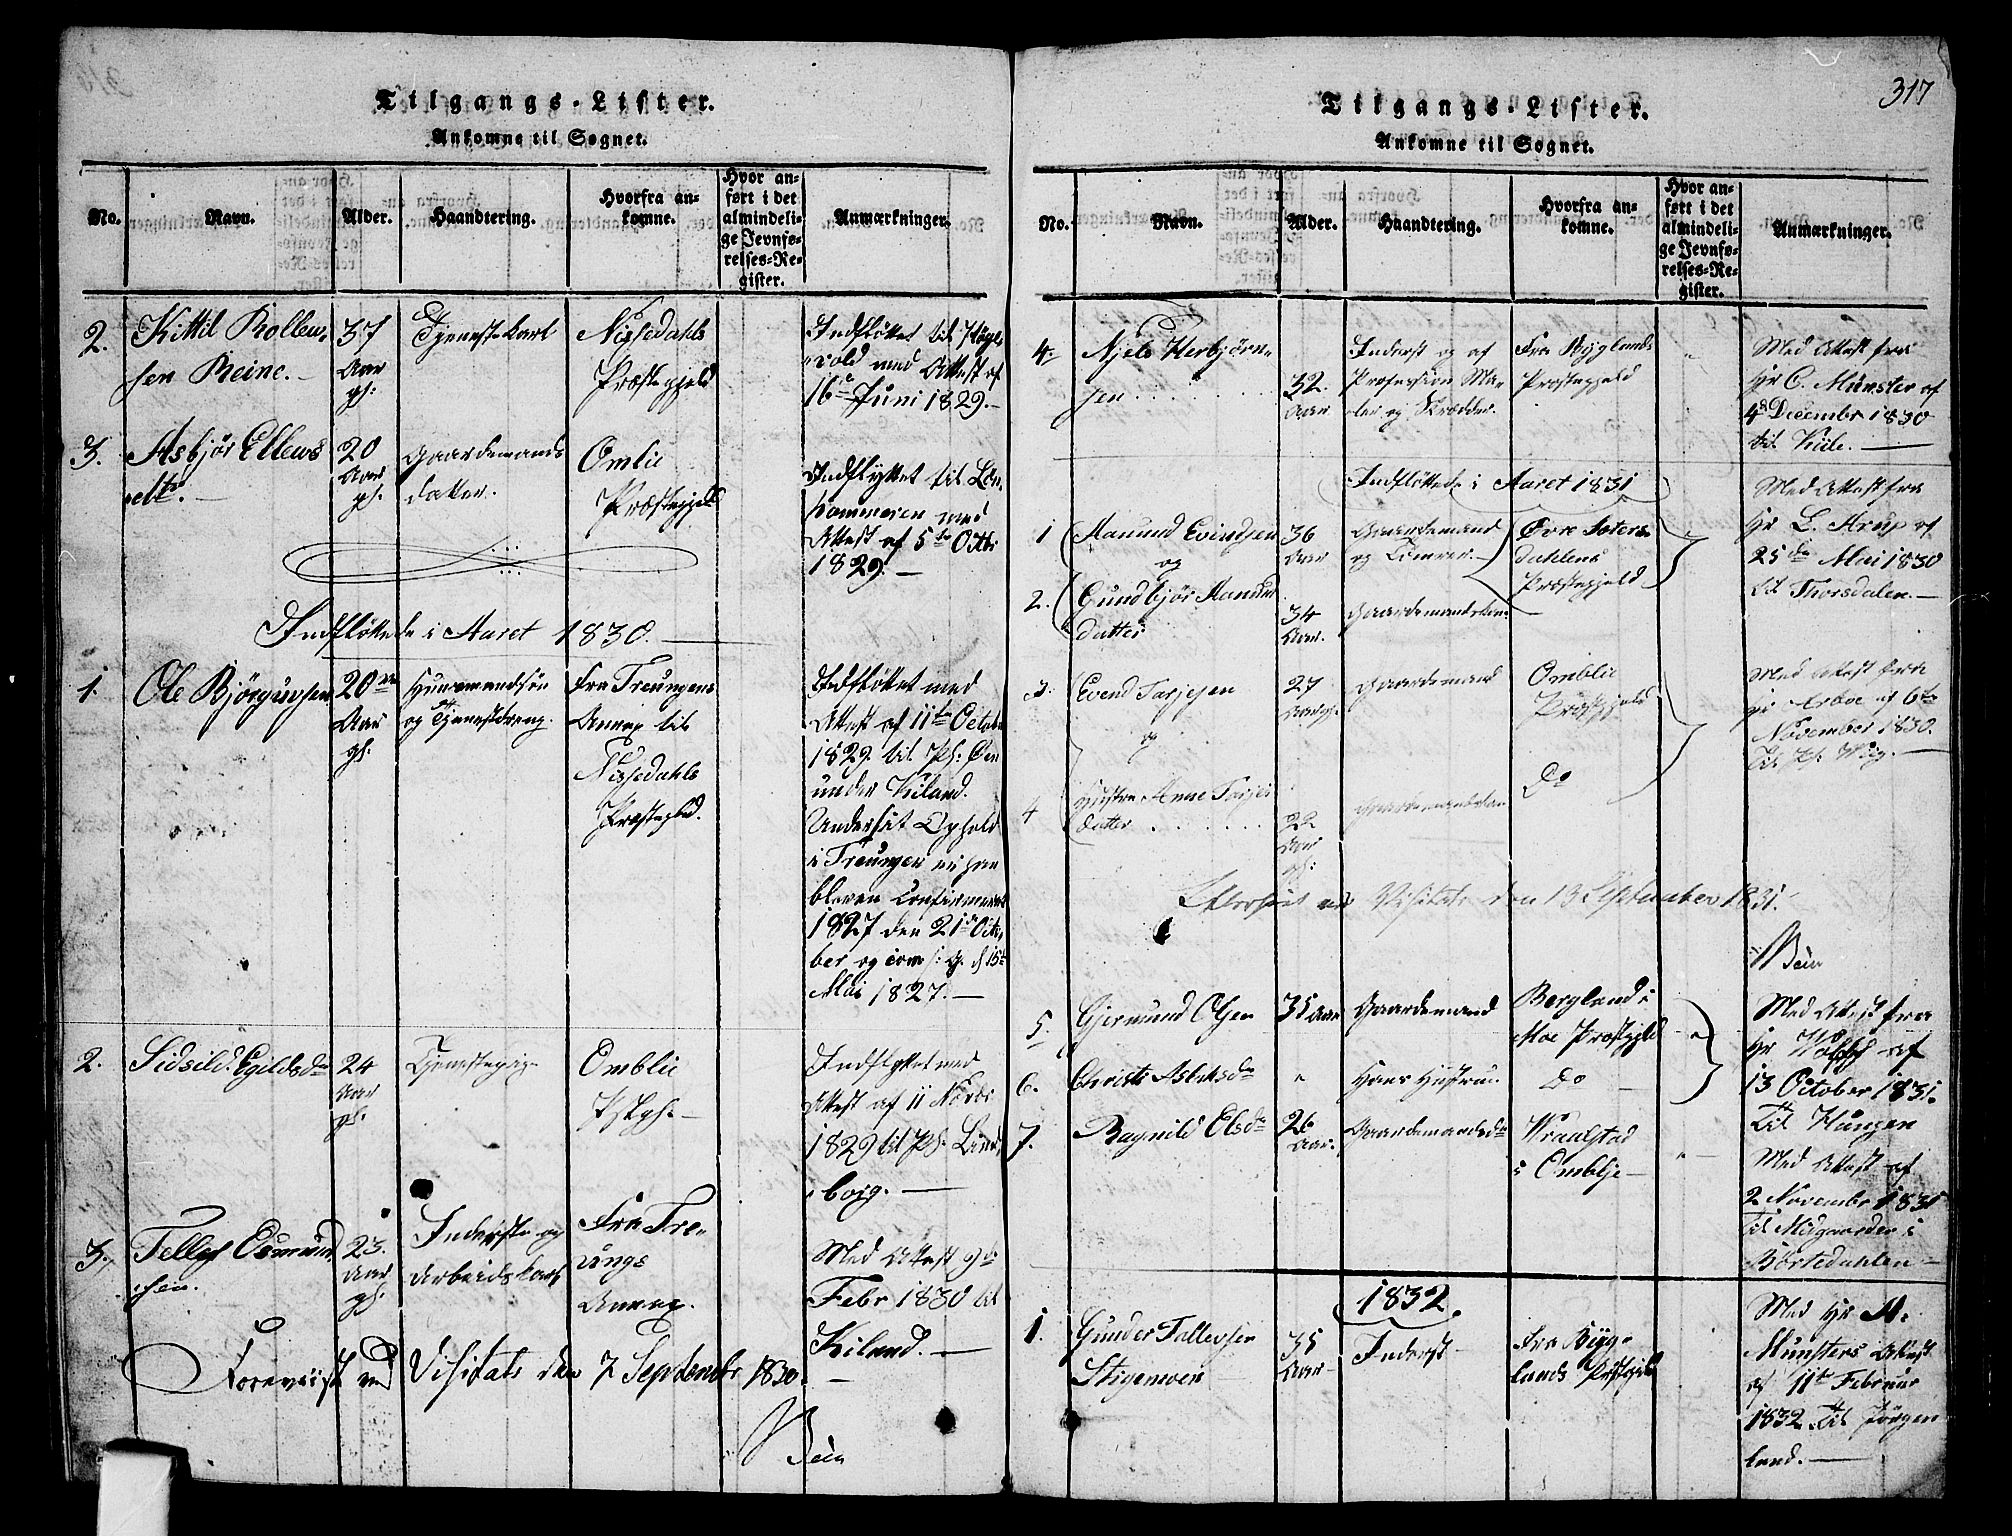 SAKO, Fyresdal kirkebøker, G/Ga/L0001: Klokkerbok nr. I 1, 1816-1840, s. 317